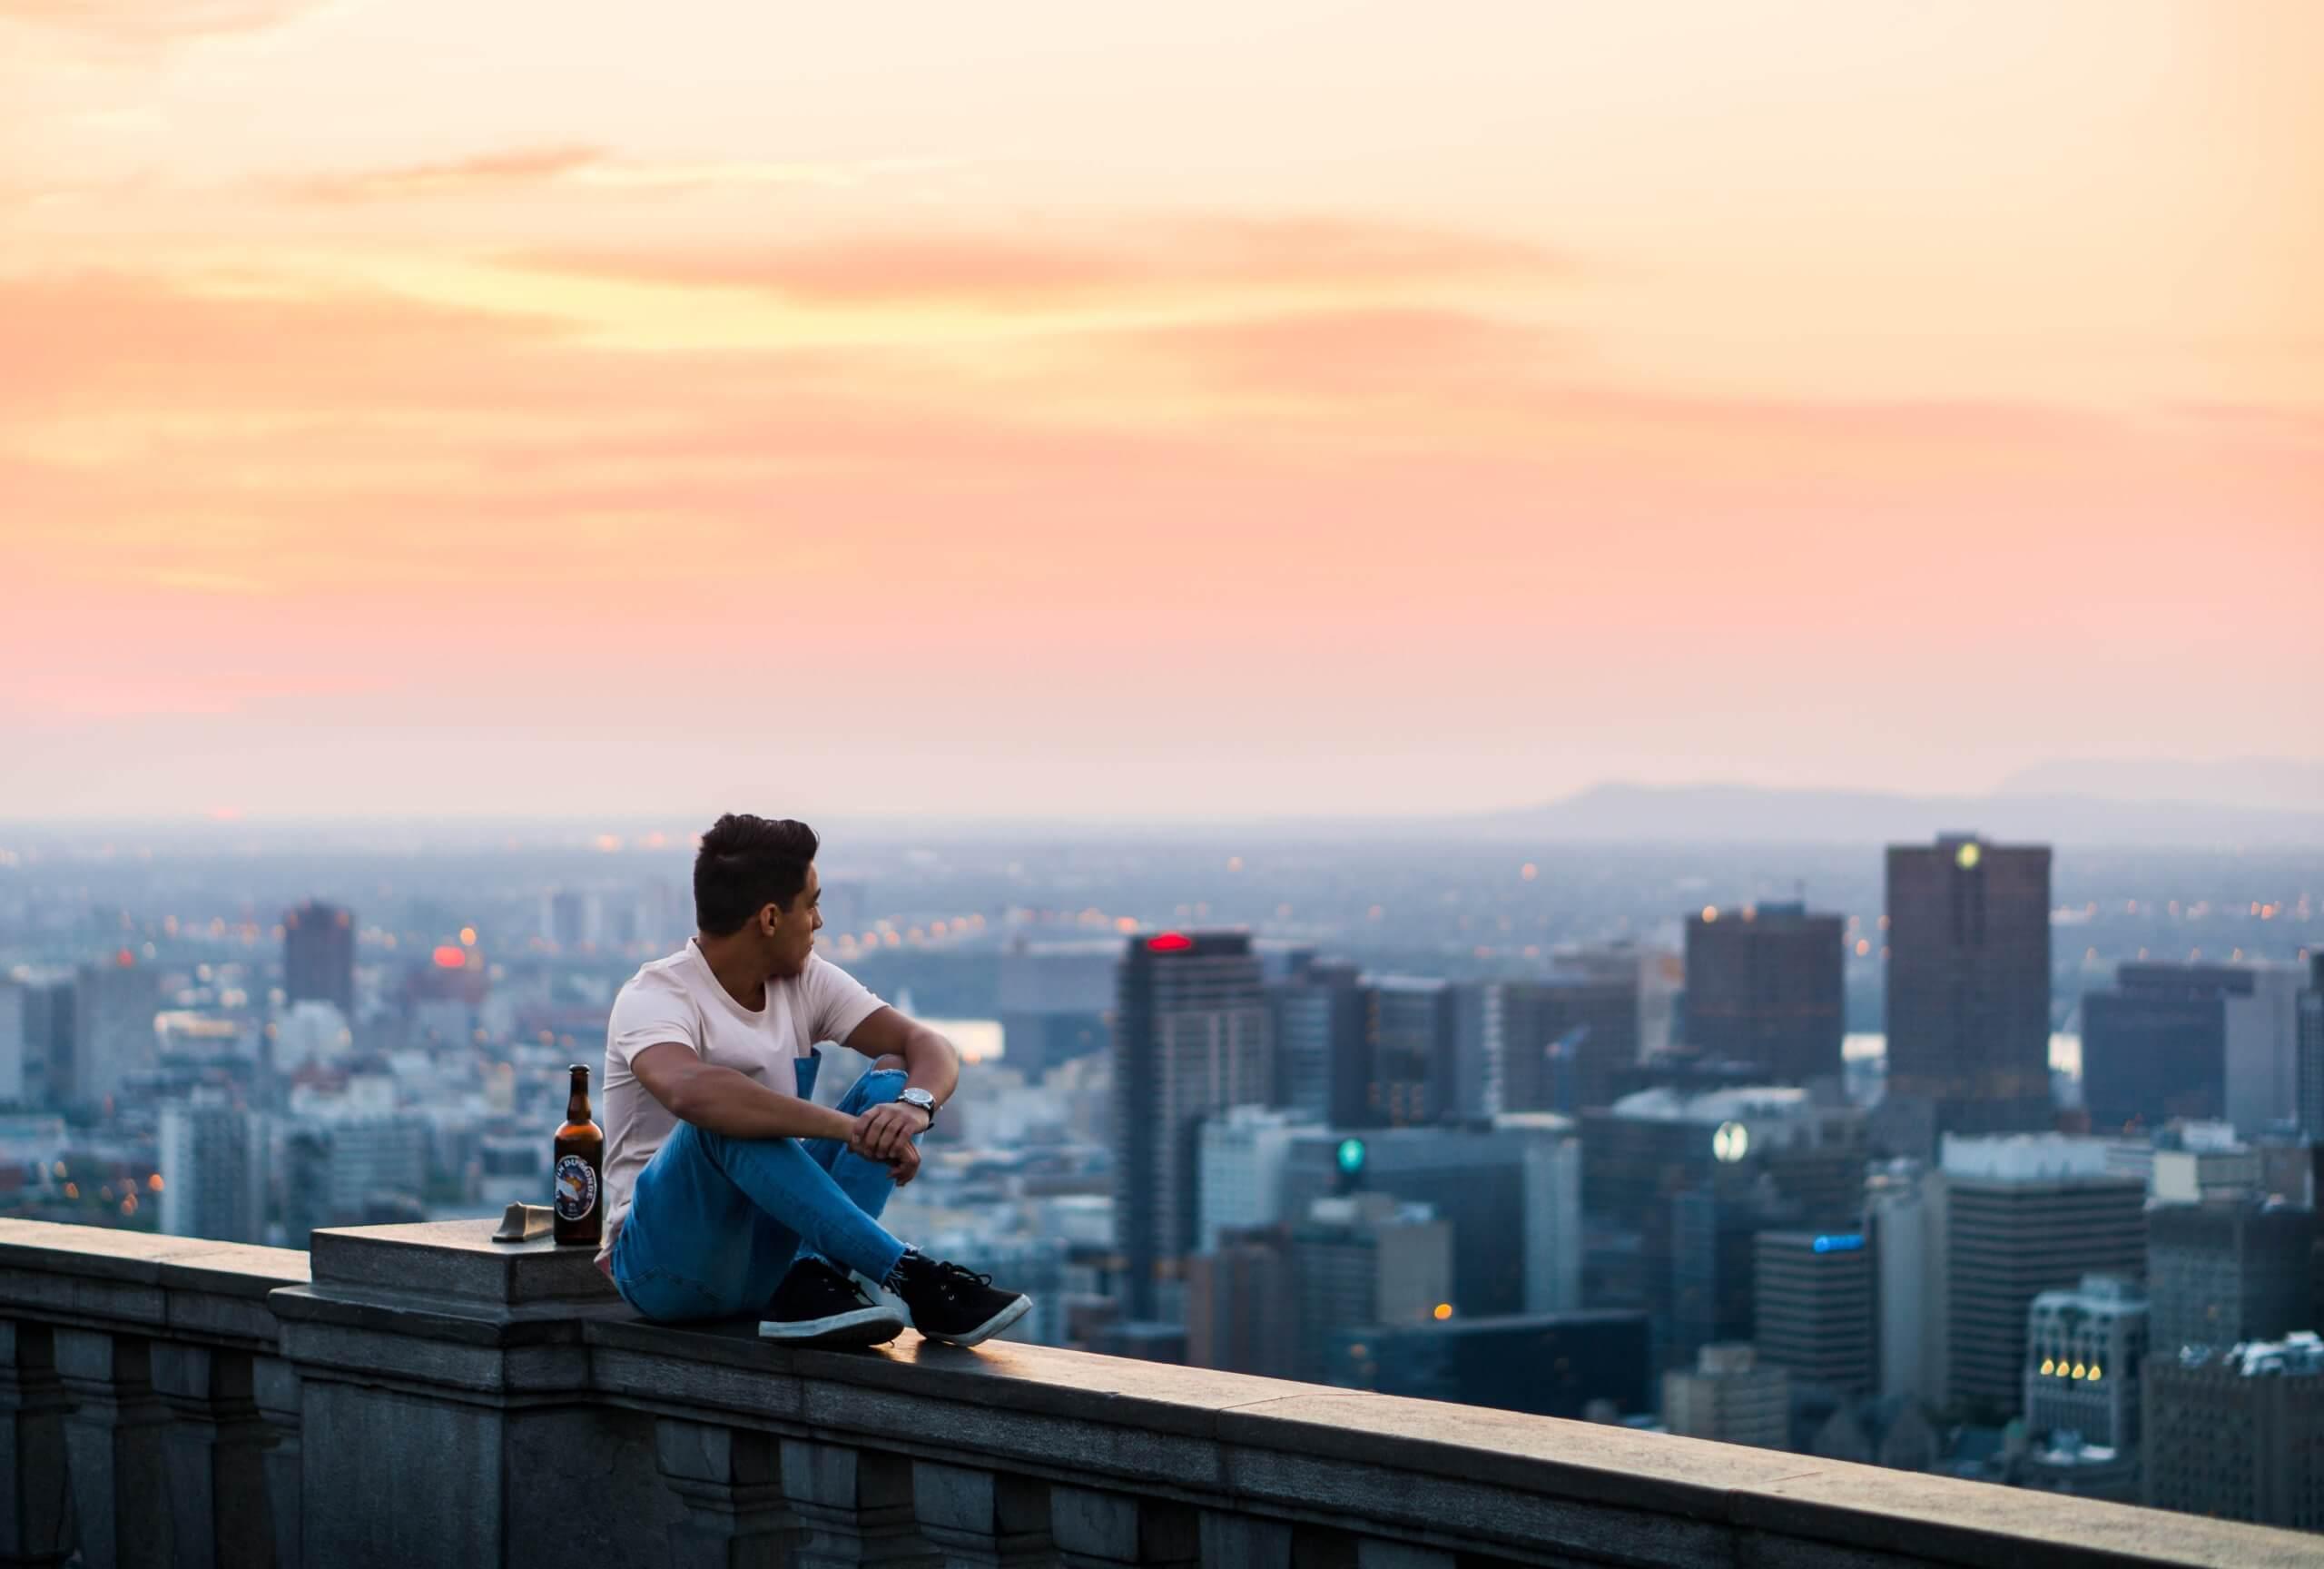 街の景色うを見ながら考える男性